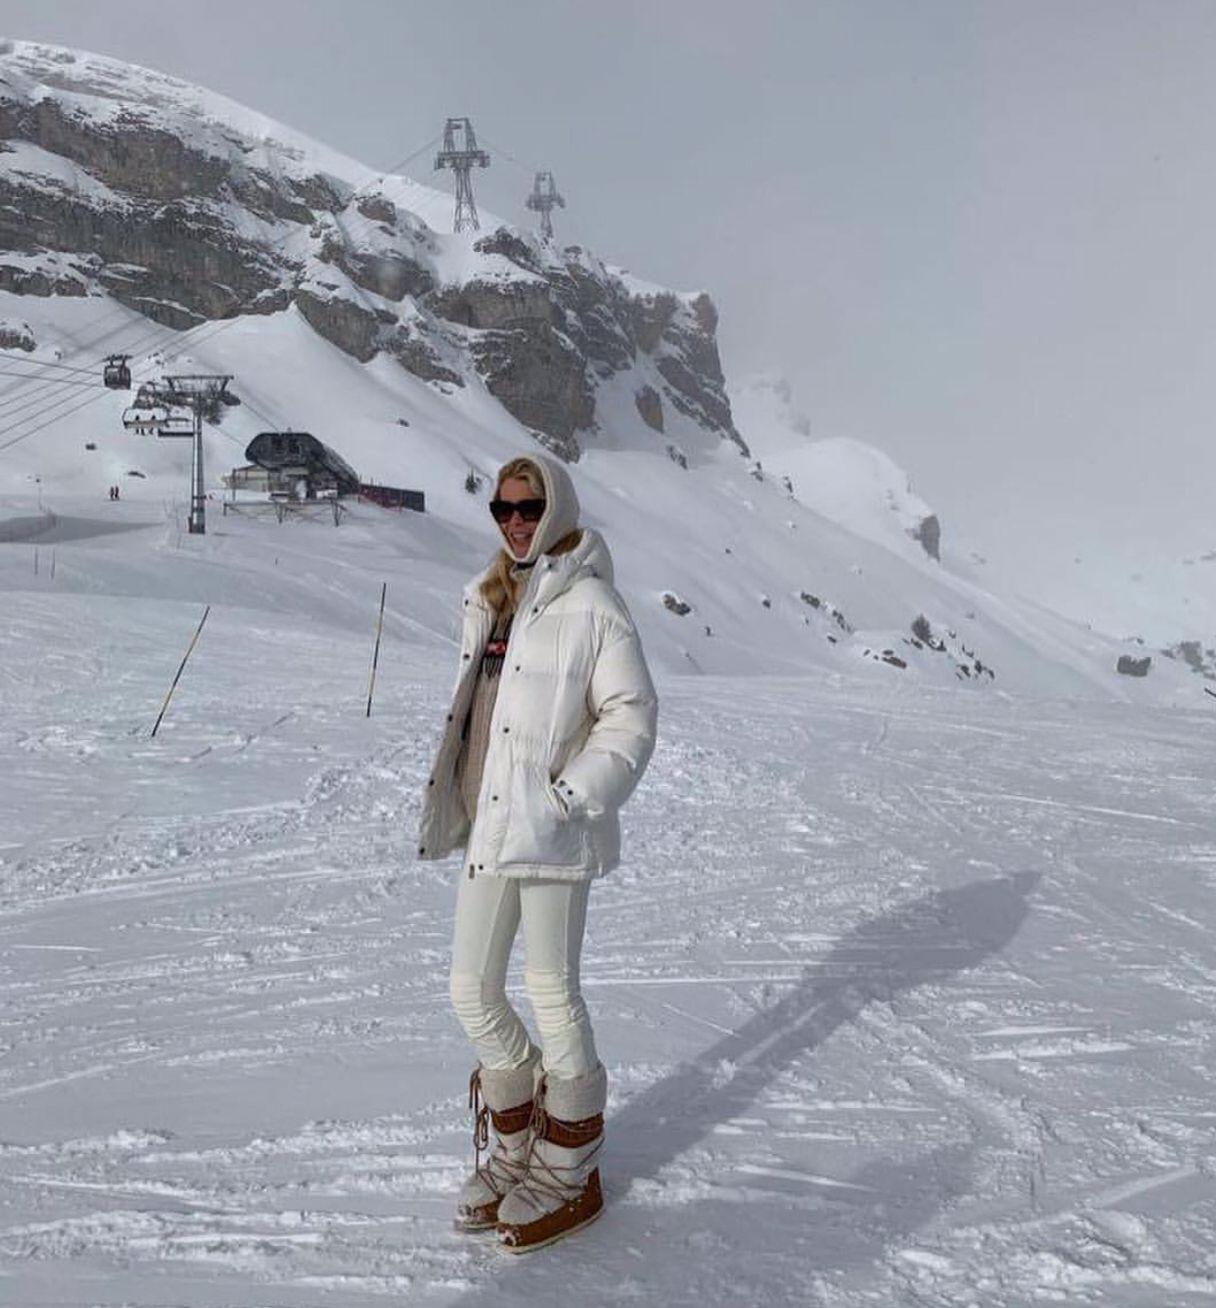 Pinterest M A C E Y Ski Trip Snow Trip Winter